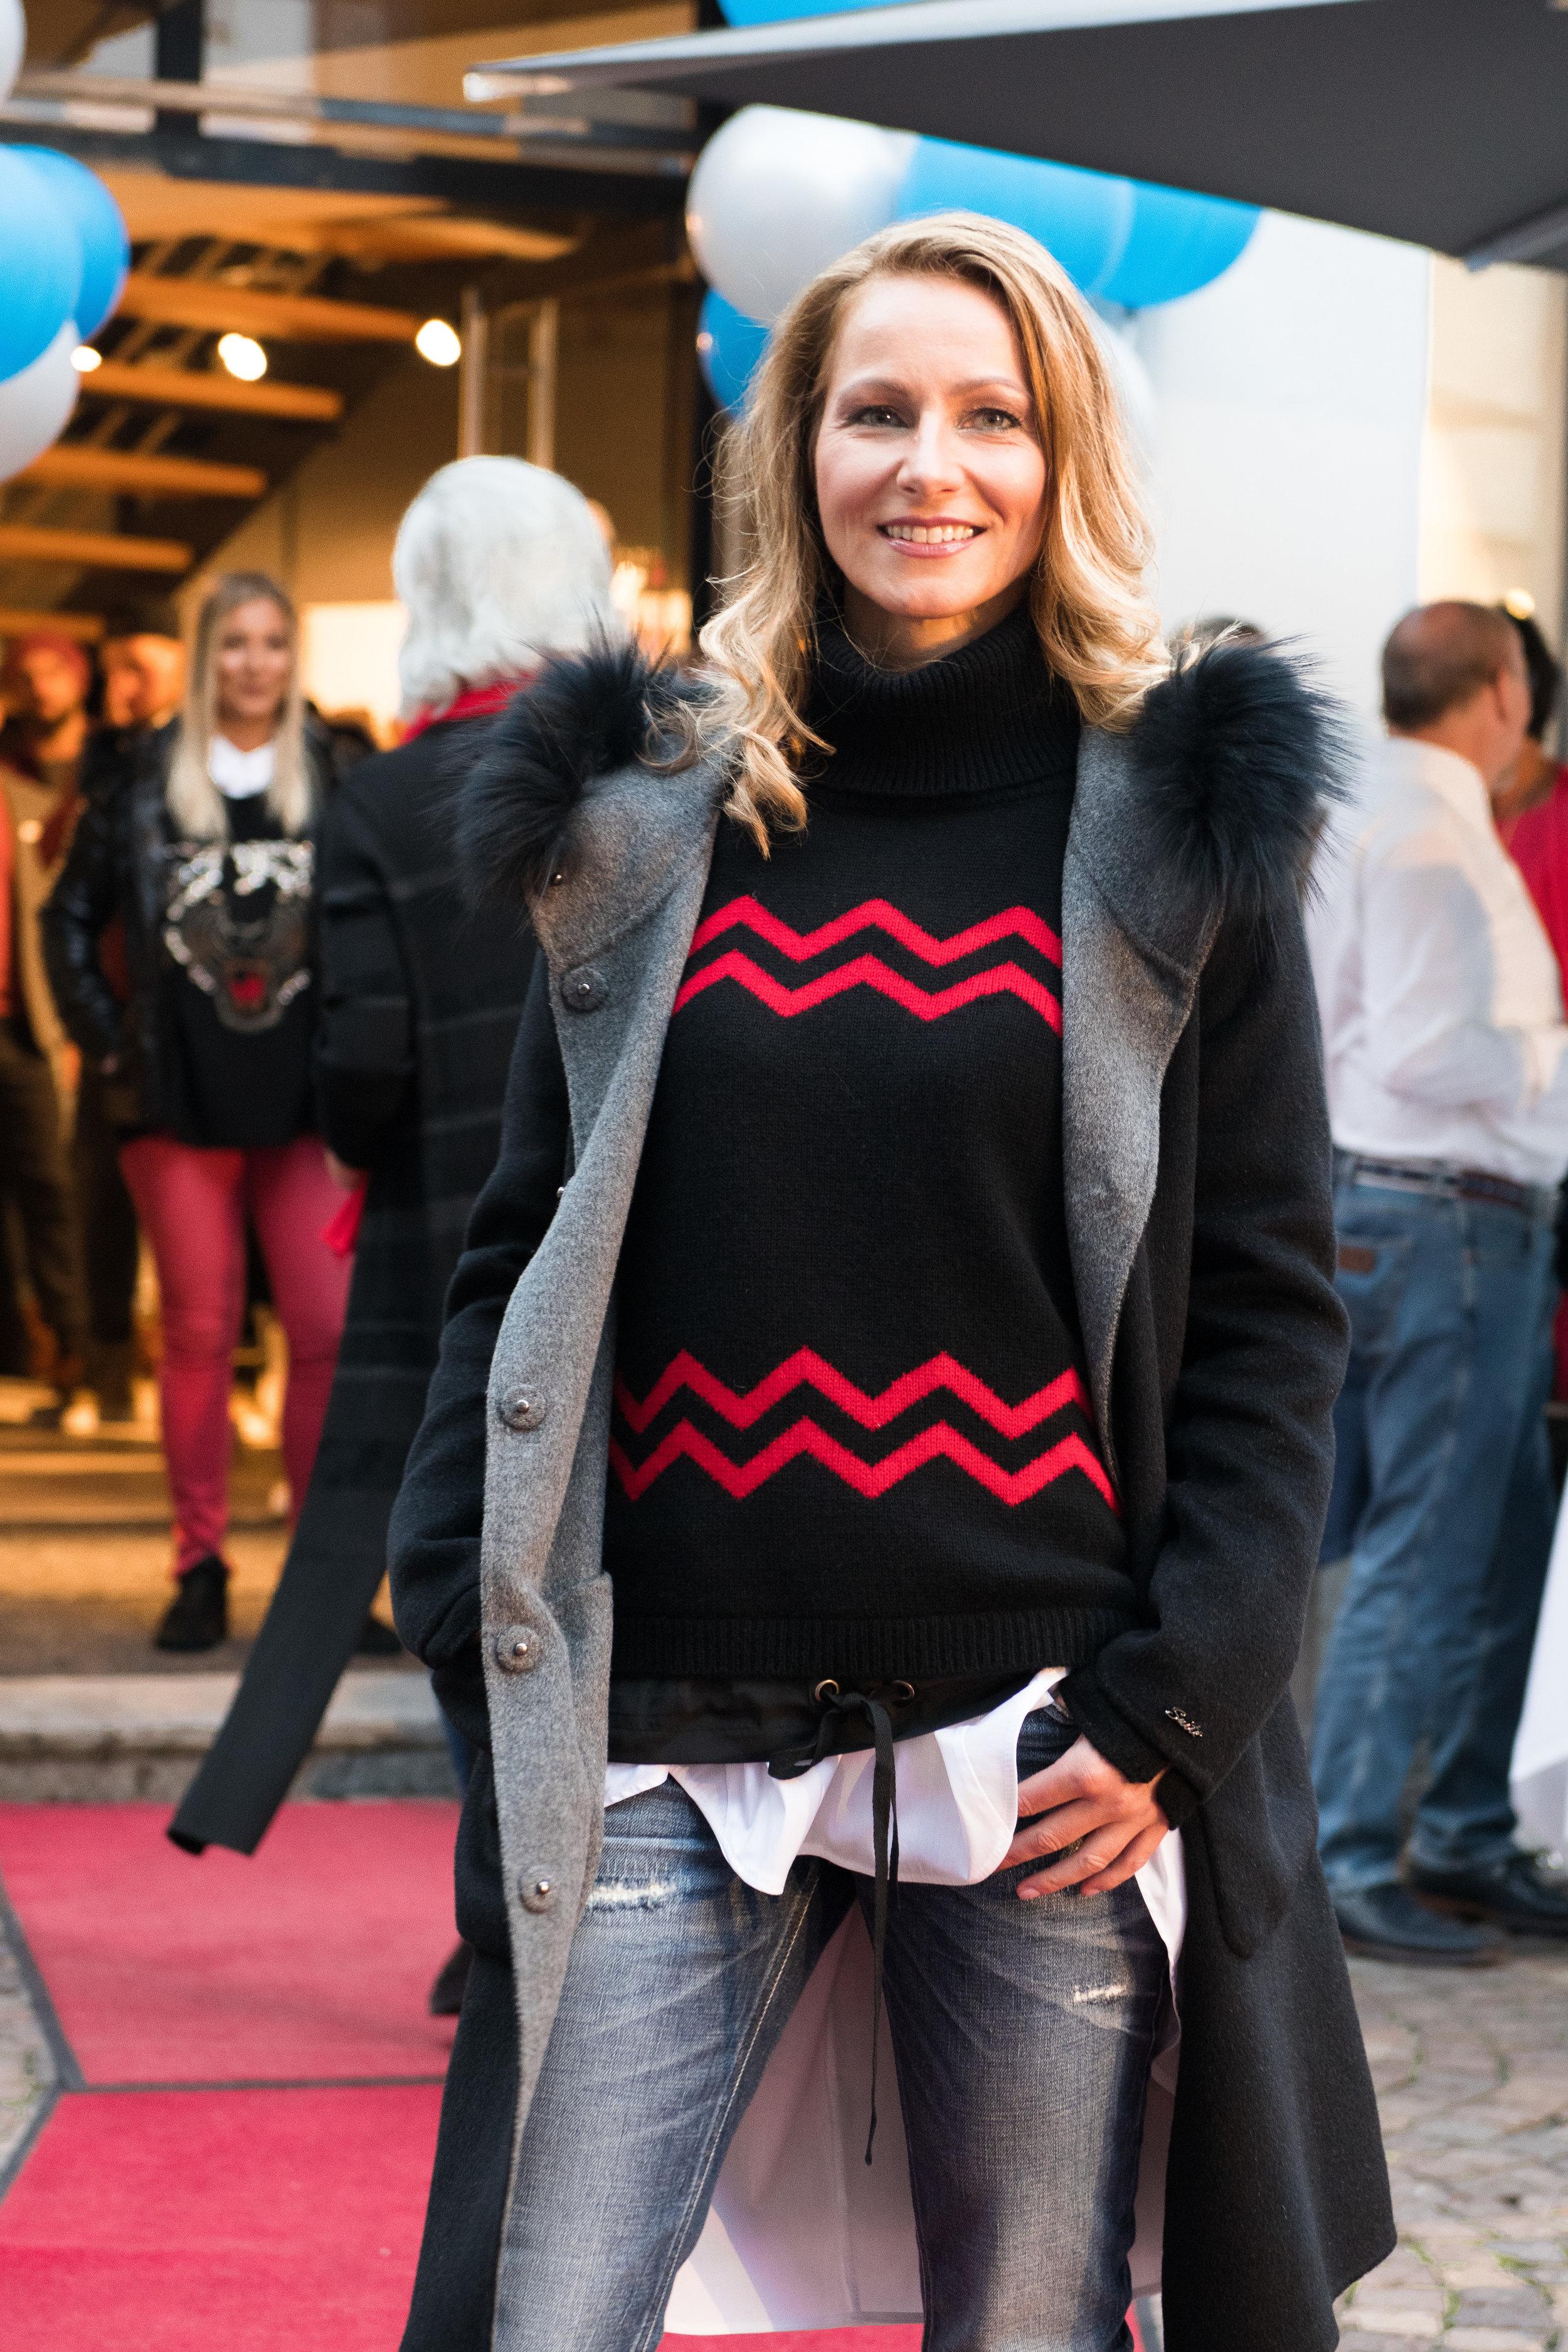 Fashionshowbackstage_3.jpg